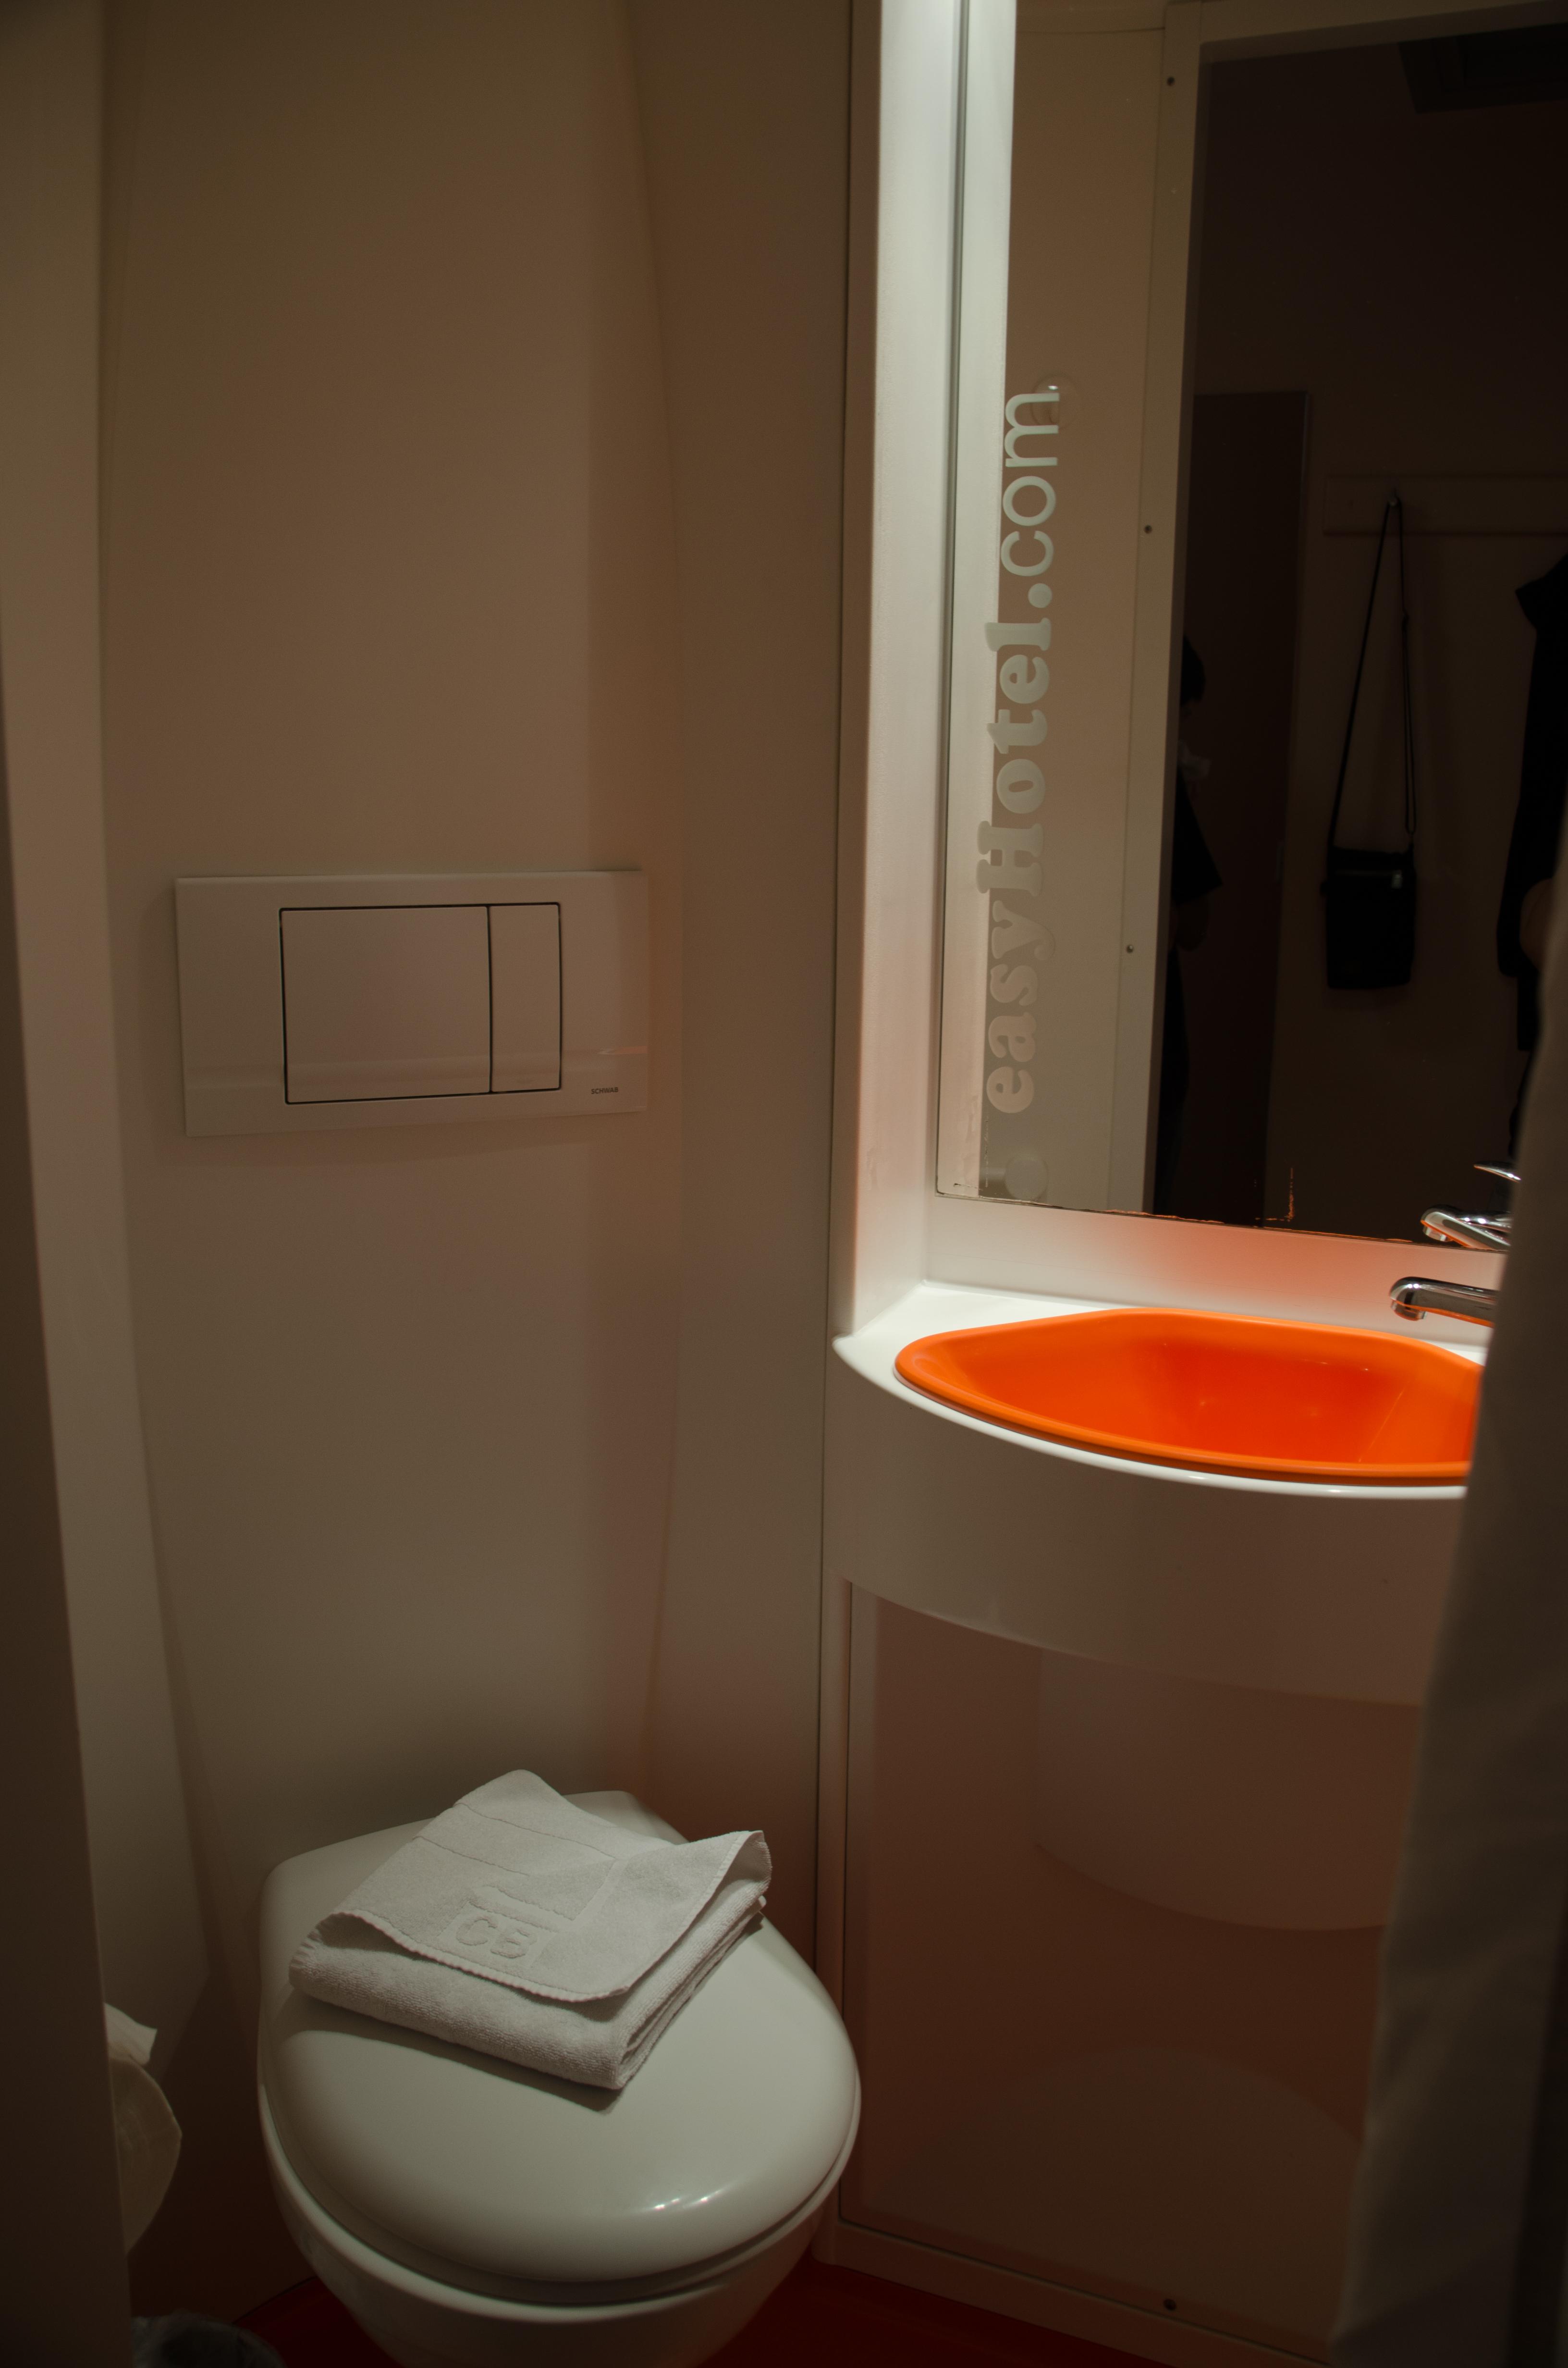 Viajar code ver nica alojamiento en londres for Colgador jabon ducha